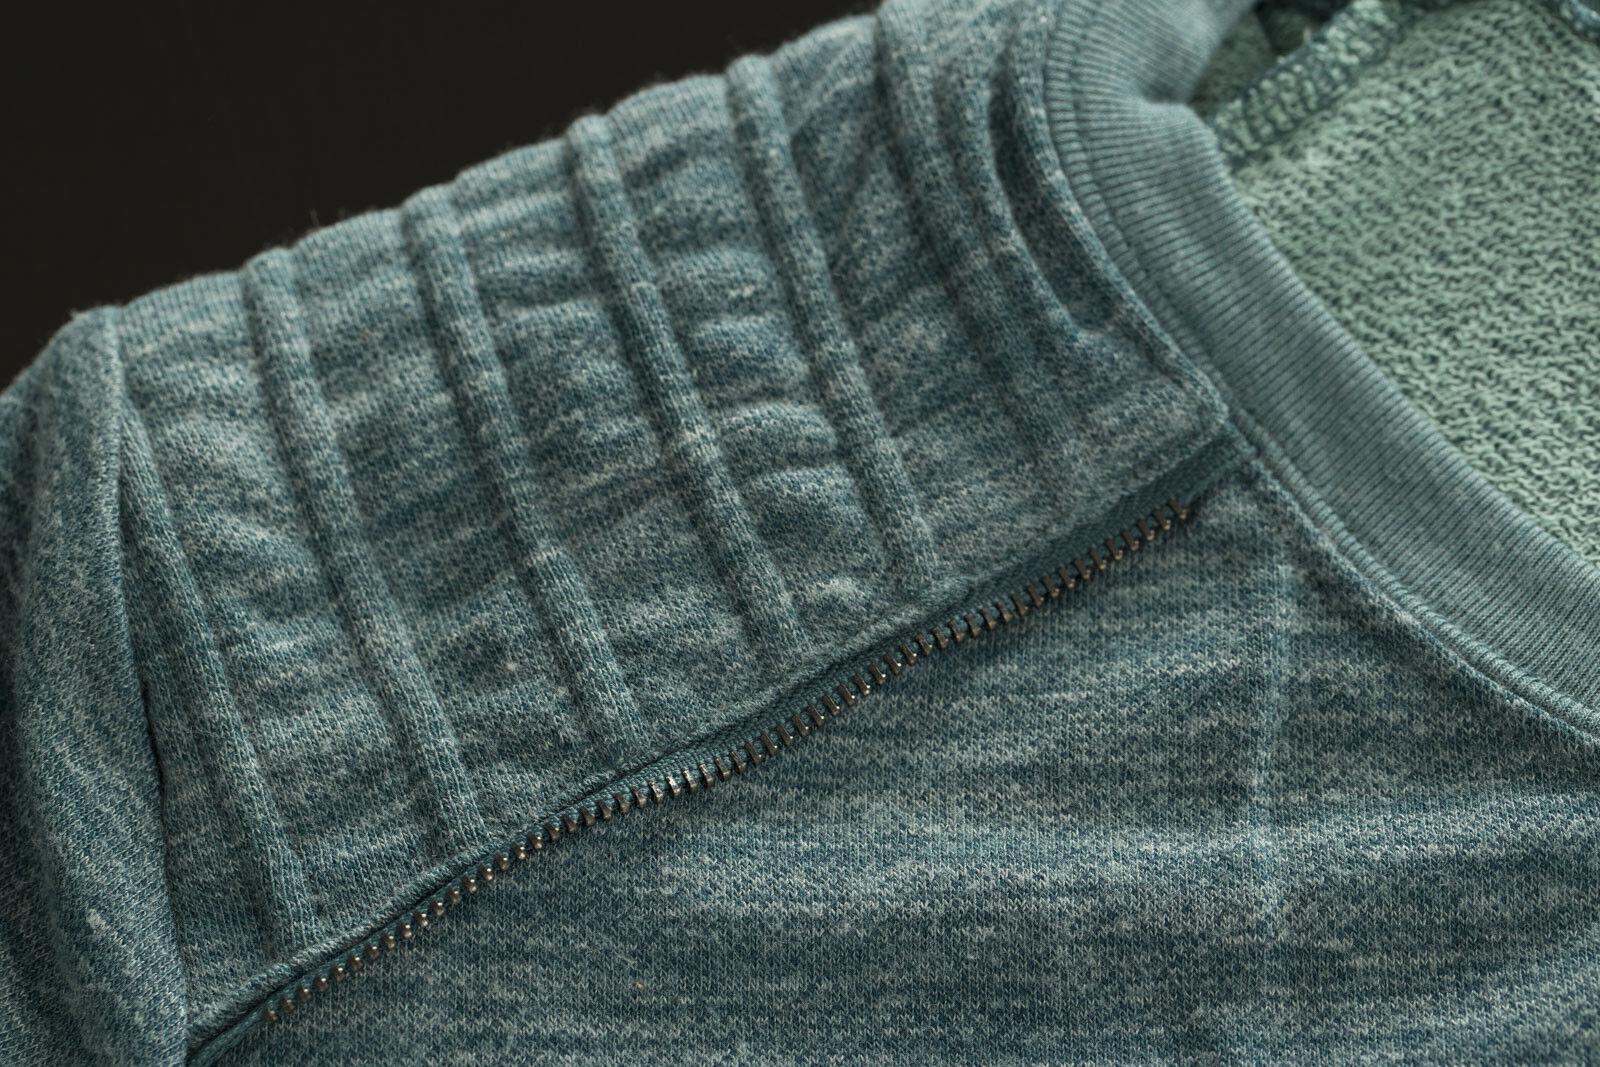 AFFLICTION Damen Pullover Jaded Petrol | Einfach Einfach Einfach zu bedienen  | Großhandel  | Online  | Flagship-Store  | Feinbearbeitung  1774e1